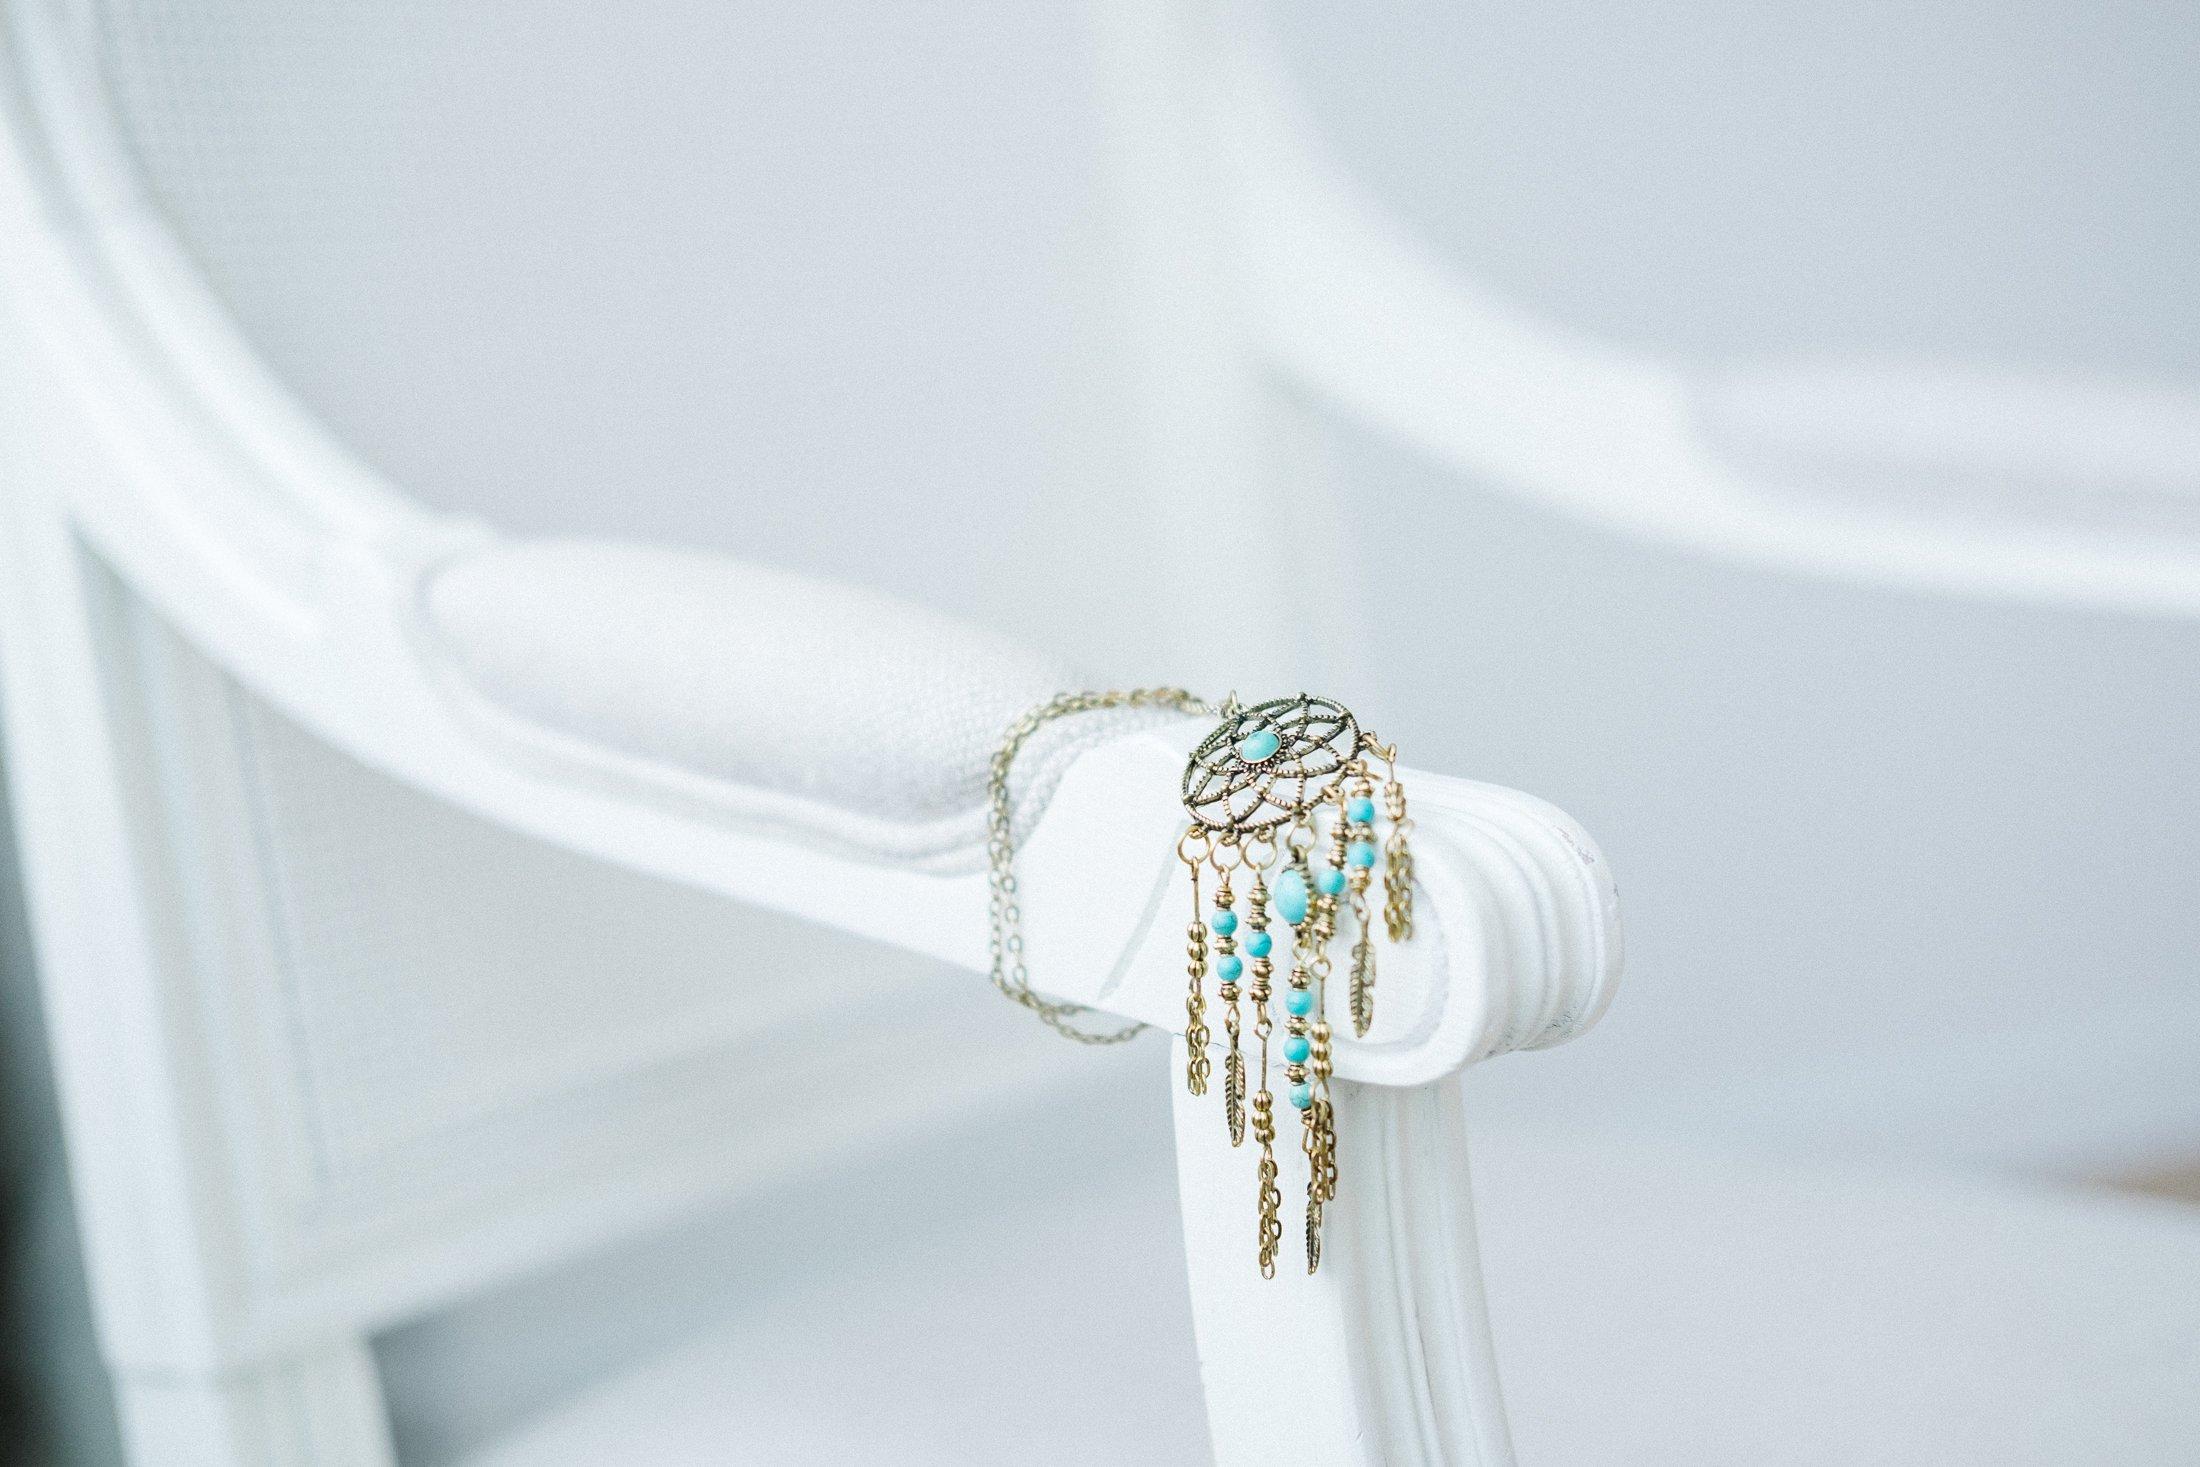 dreamcatcher-pendant-necklace_4460x4460